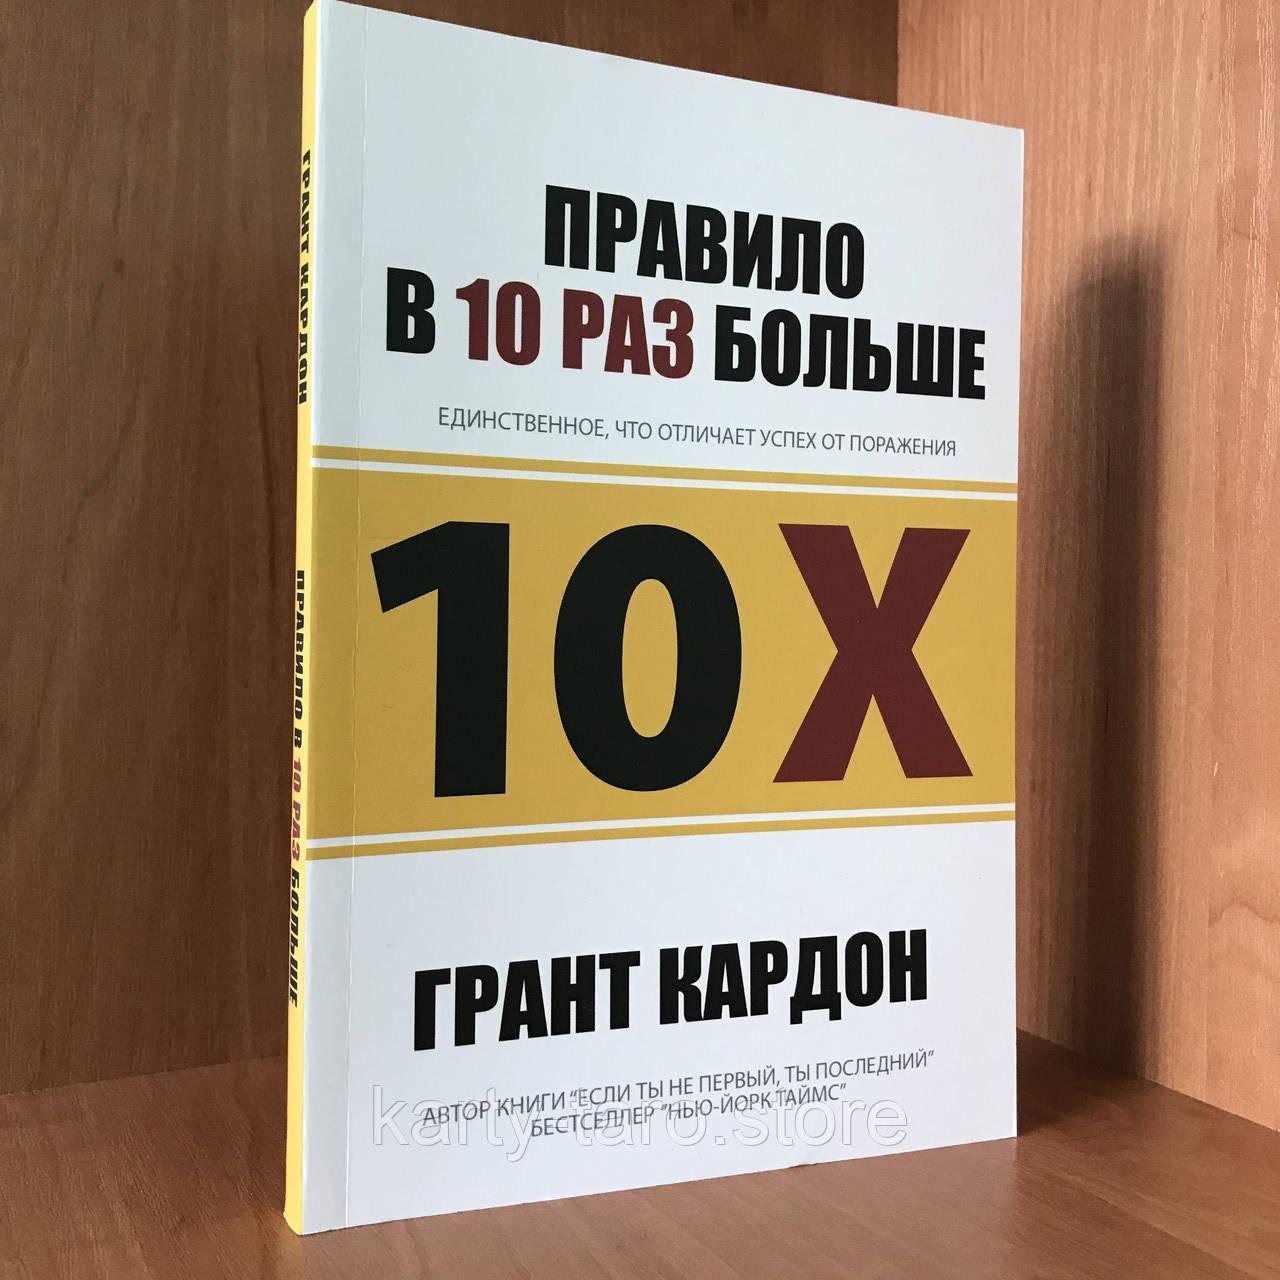 Книга Правило в 10 раз больше. Единственное, что отличает успех от поражения - Грант Кардон